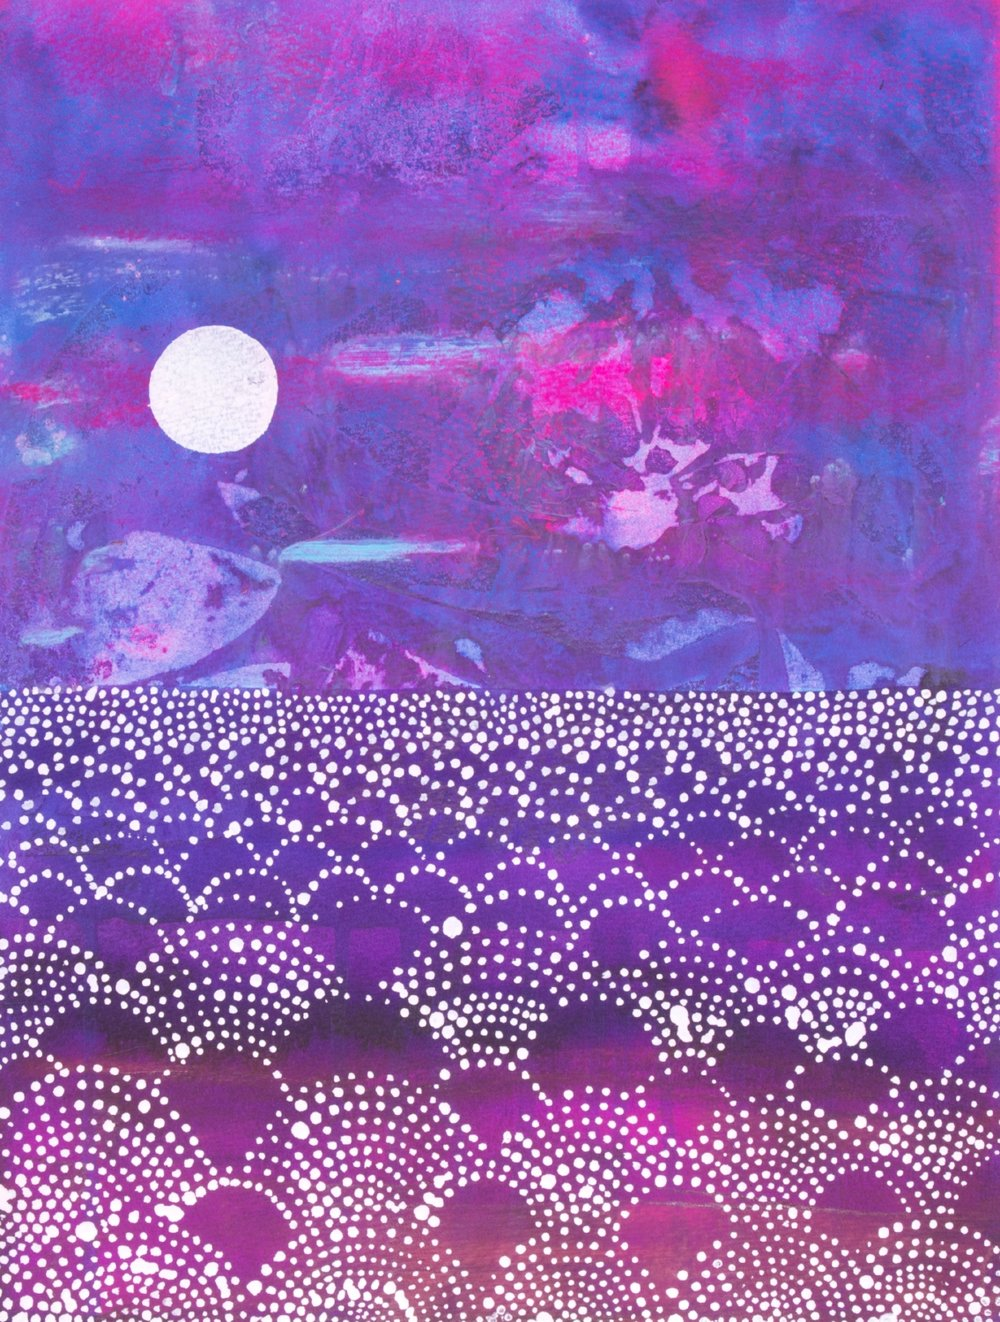 The Purple Sea by Helen Wells